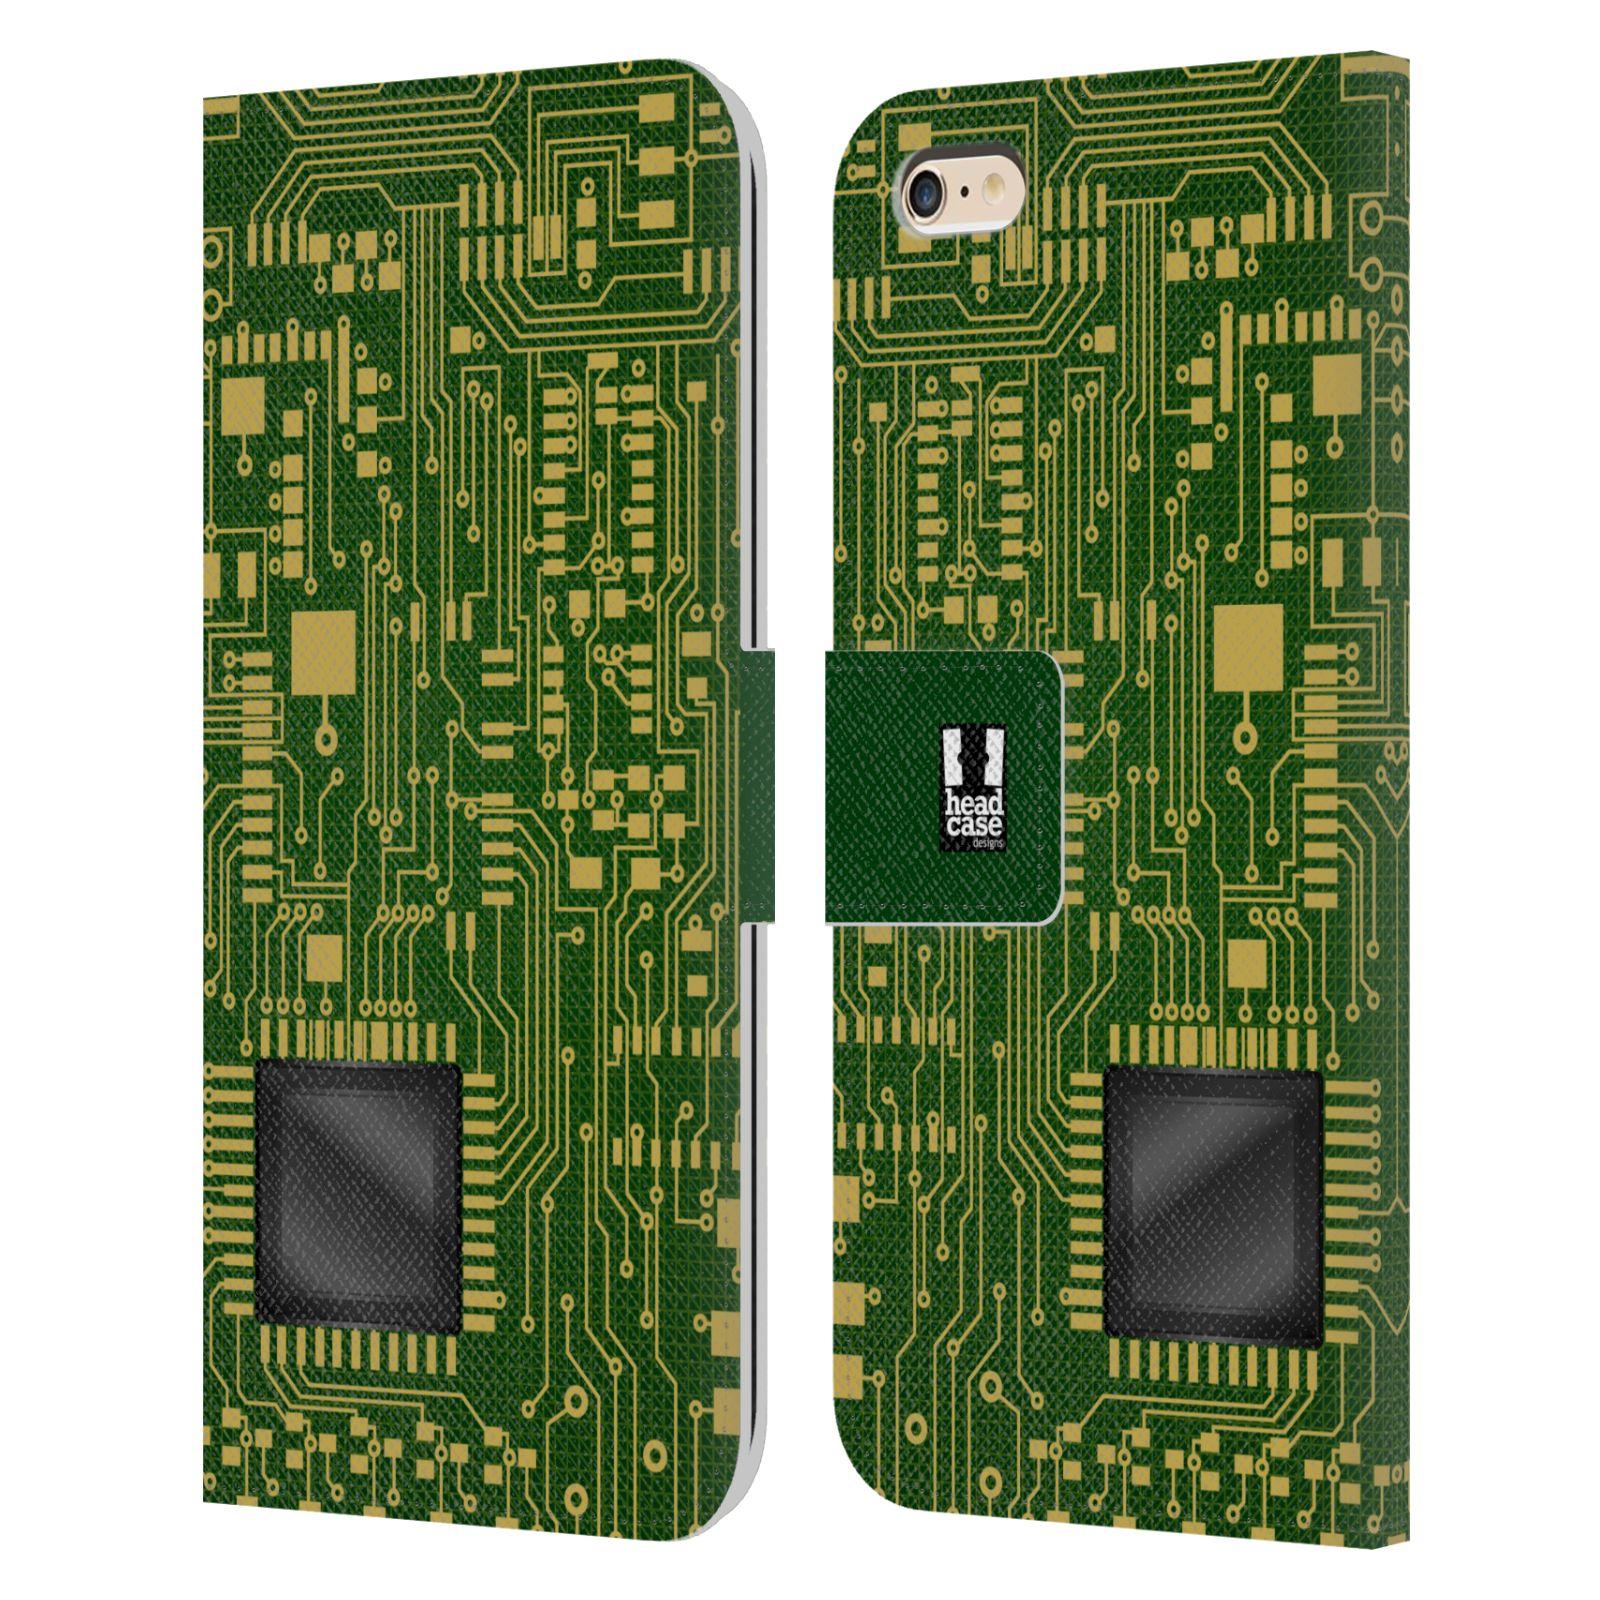 HEAD CASE Flipové pouzdro pro mobil Apple Iphone 6 PLUS / 6S PLUS počítač základní deska zelená barva velký čip